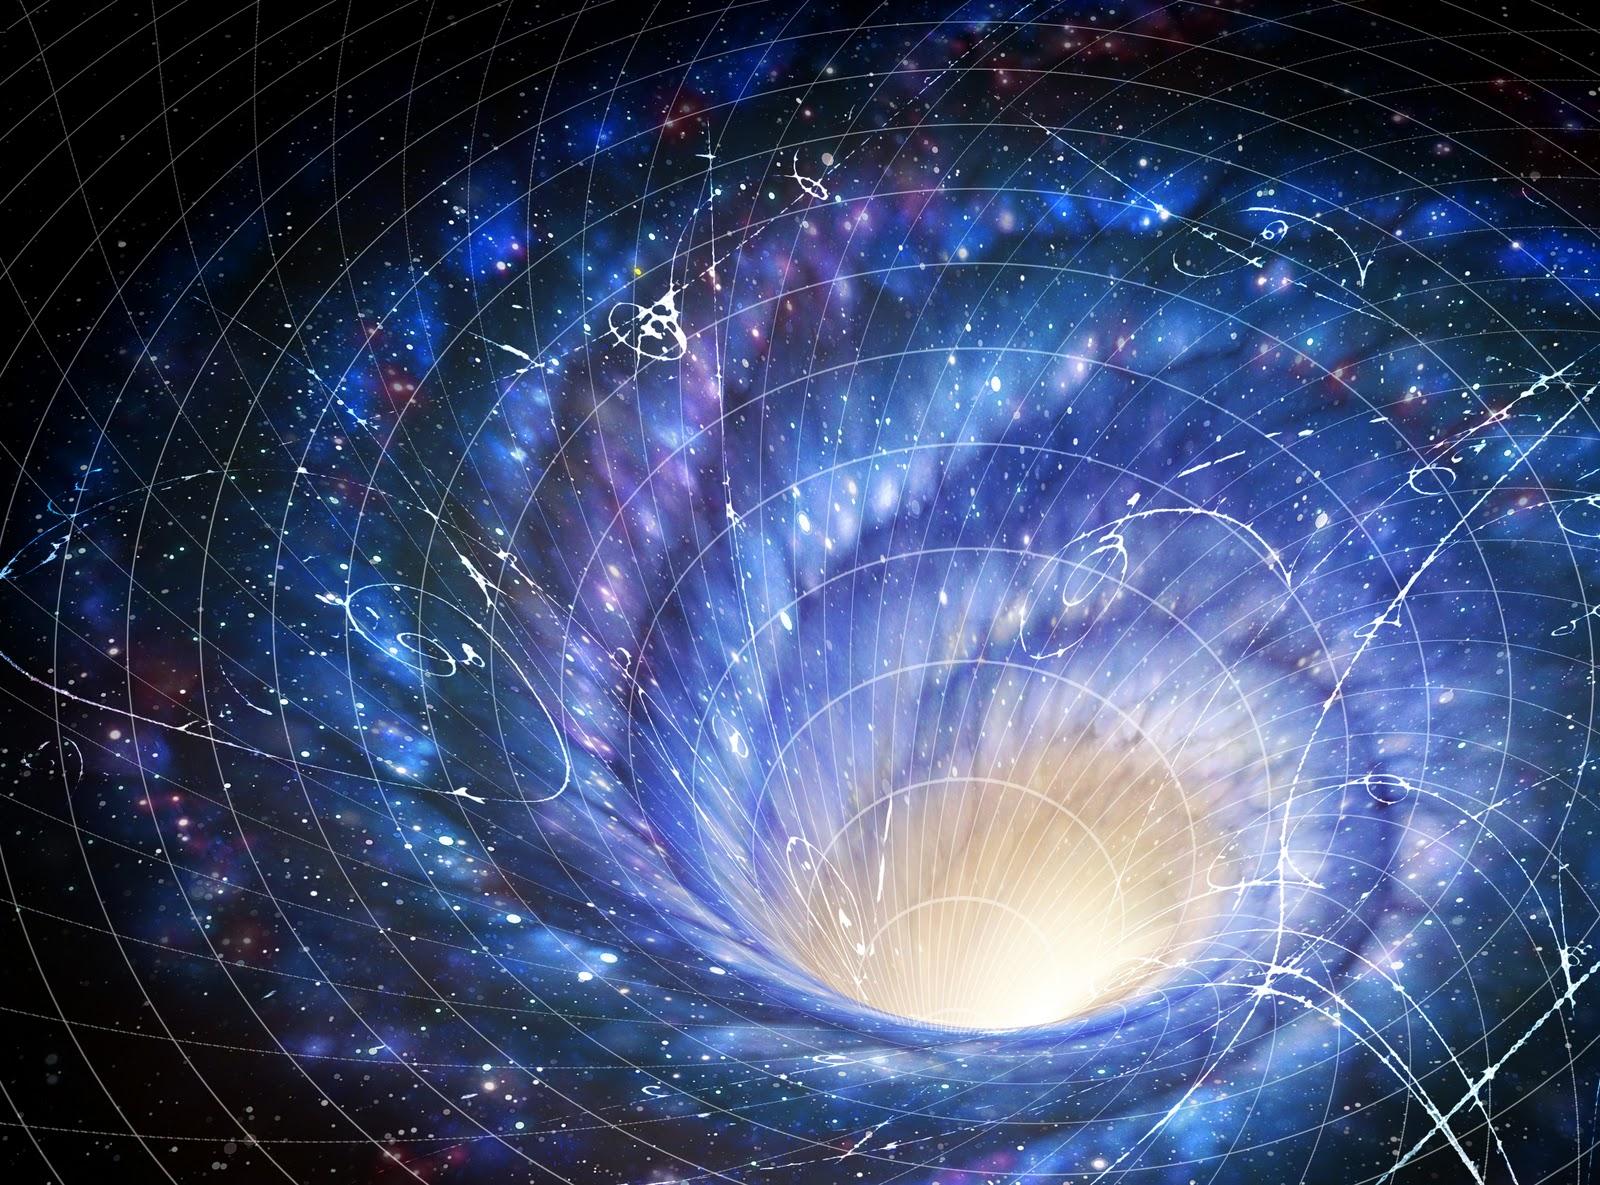 Картинки вселенной - 86